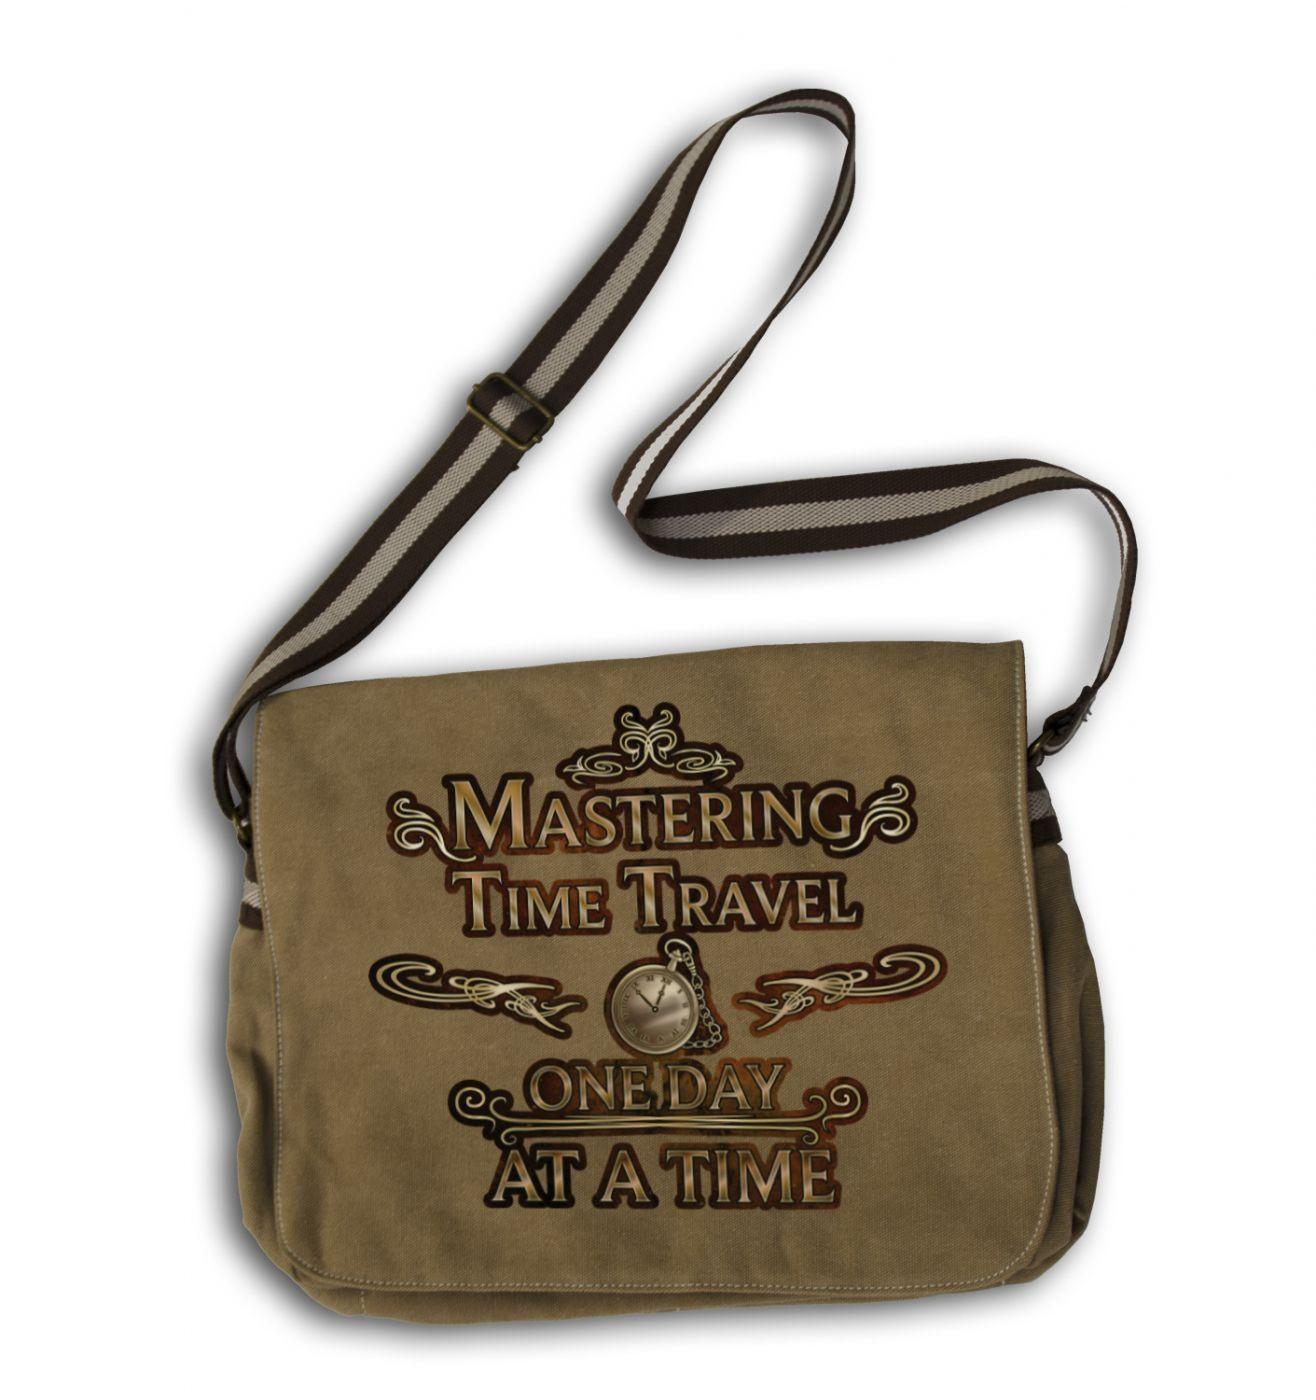 Mastering Time Travel messenger bag